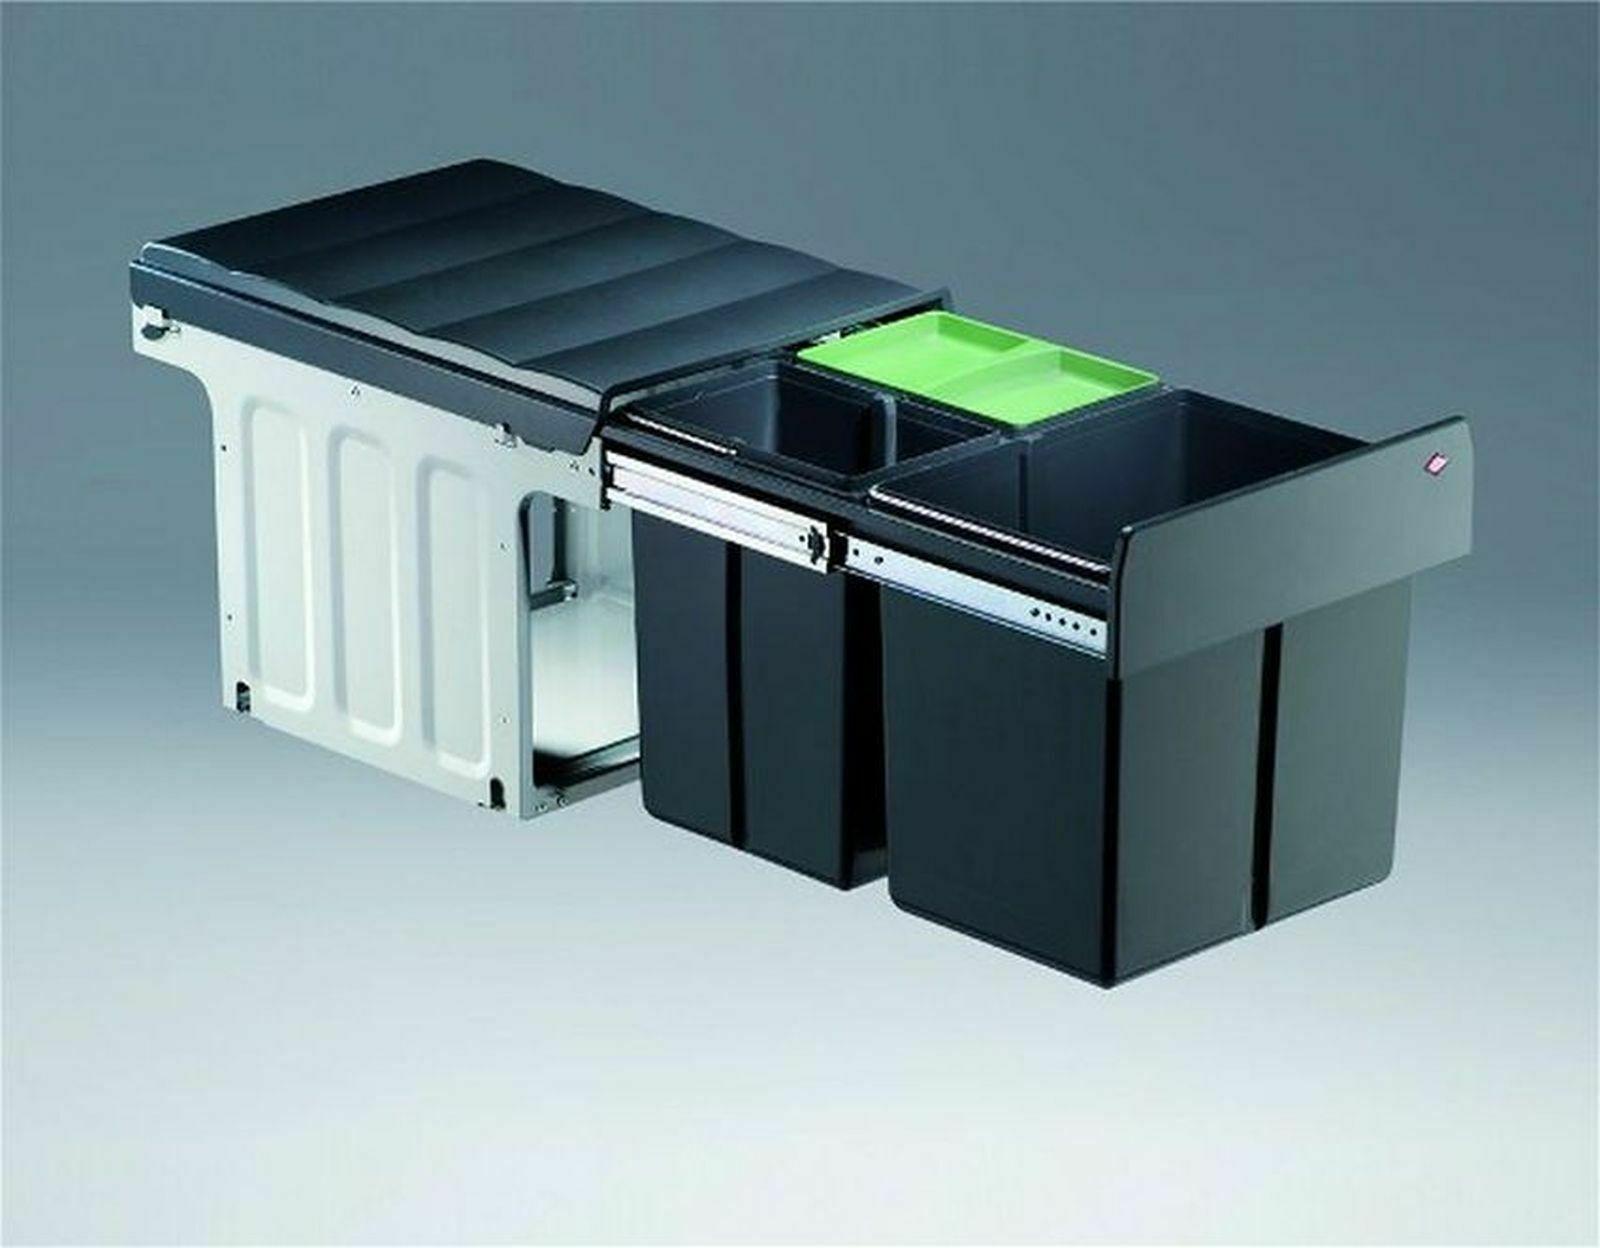 Mülleimer Küche Bioeimer Wesco Müllsystem Einbau ab 40 cm Trio Master *40314